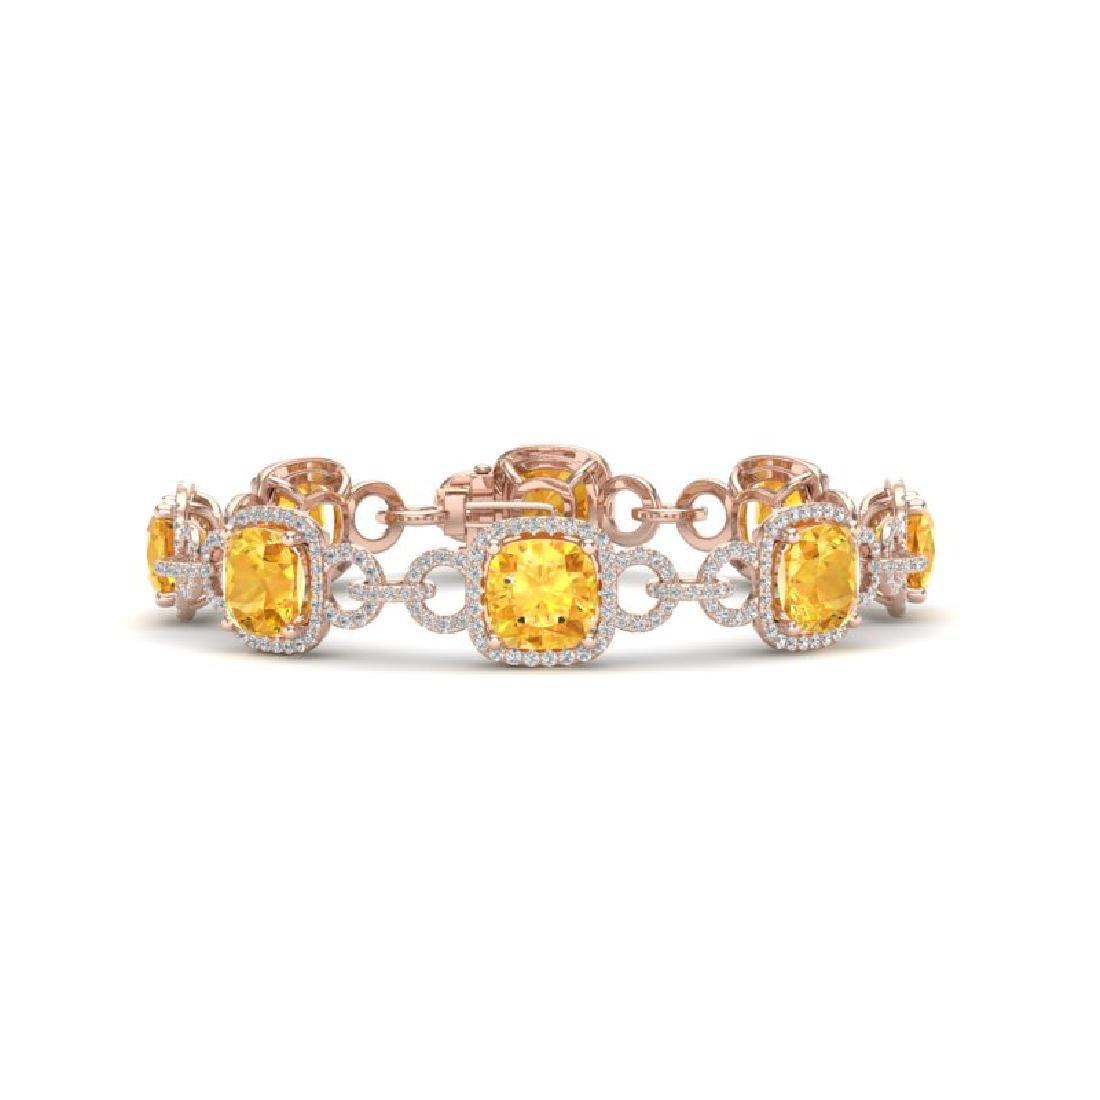 30 CTW Citrine & VS/SI Diamond Bracelet 14K Rose Gold